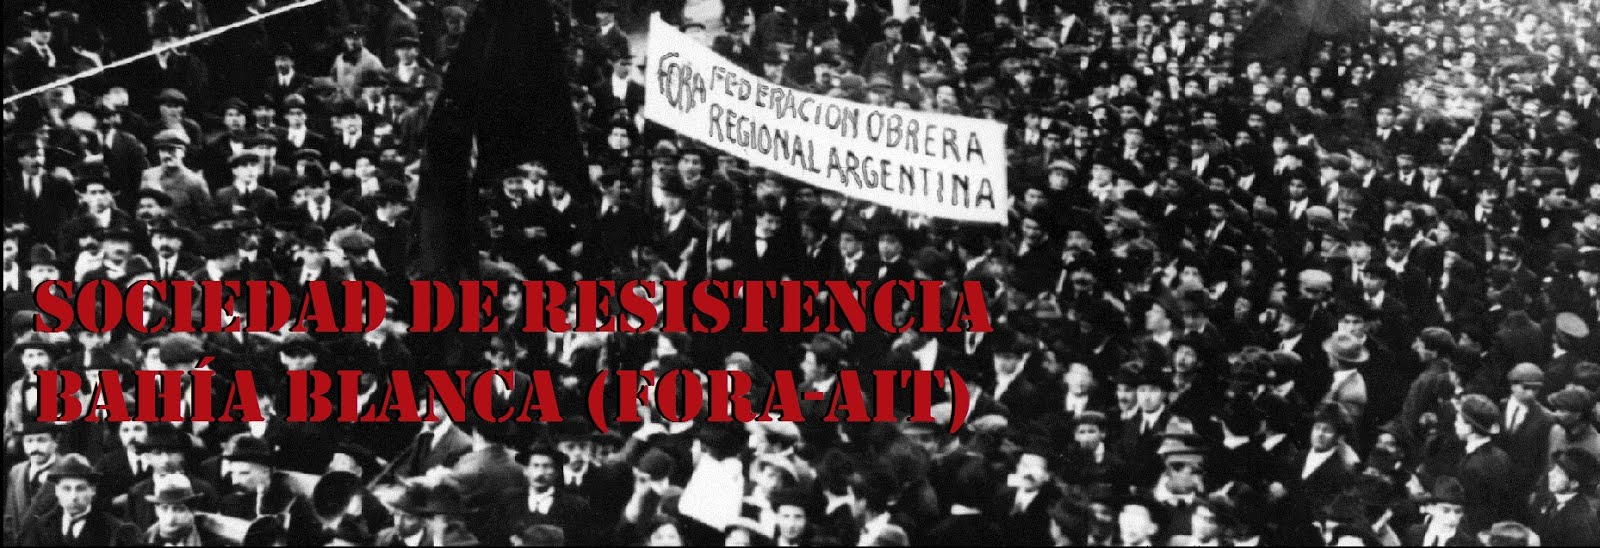 Sociedad de Resistencia de Bahía Blanca (FORA-AIT)